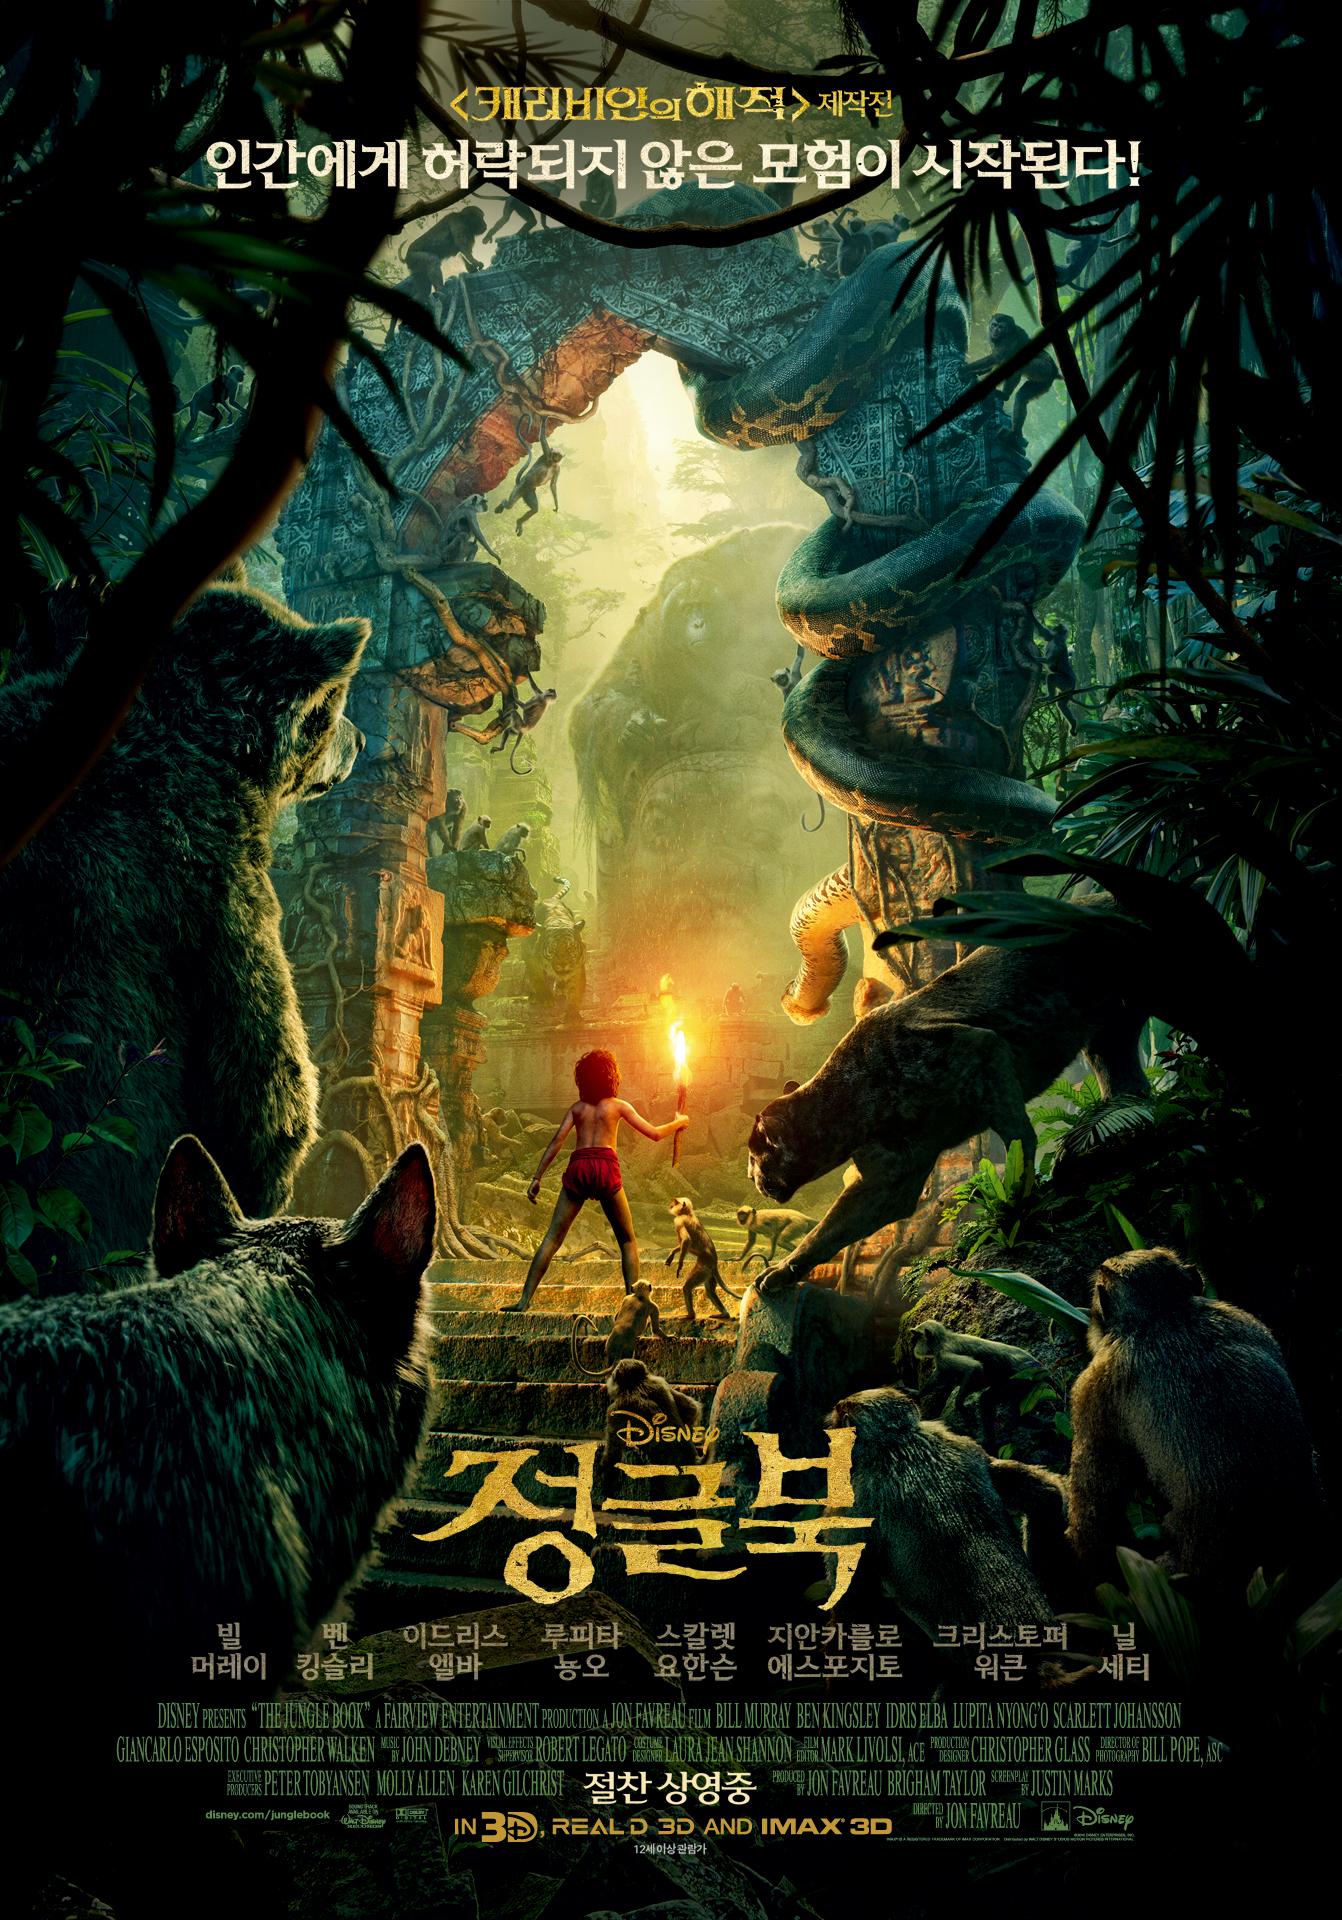 설특선 영화-정글북 - 정글북